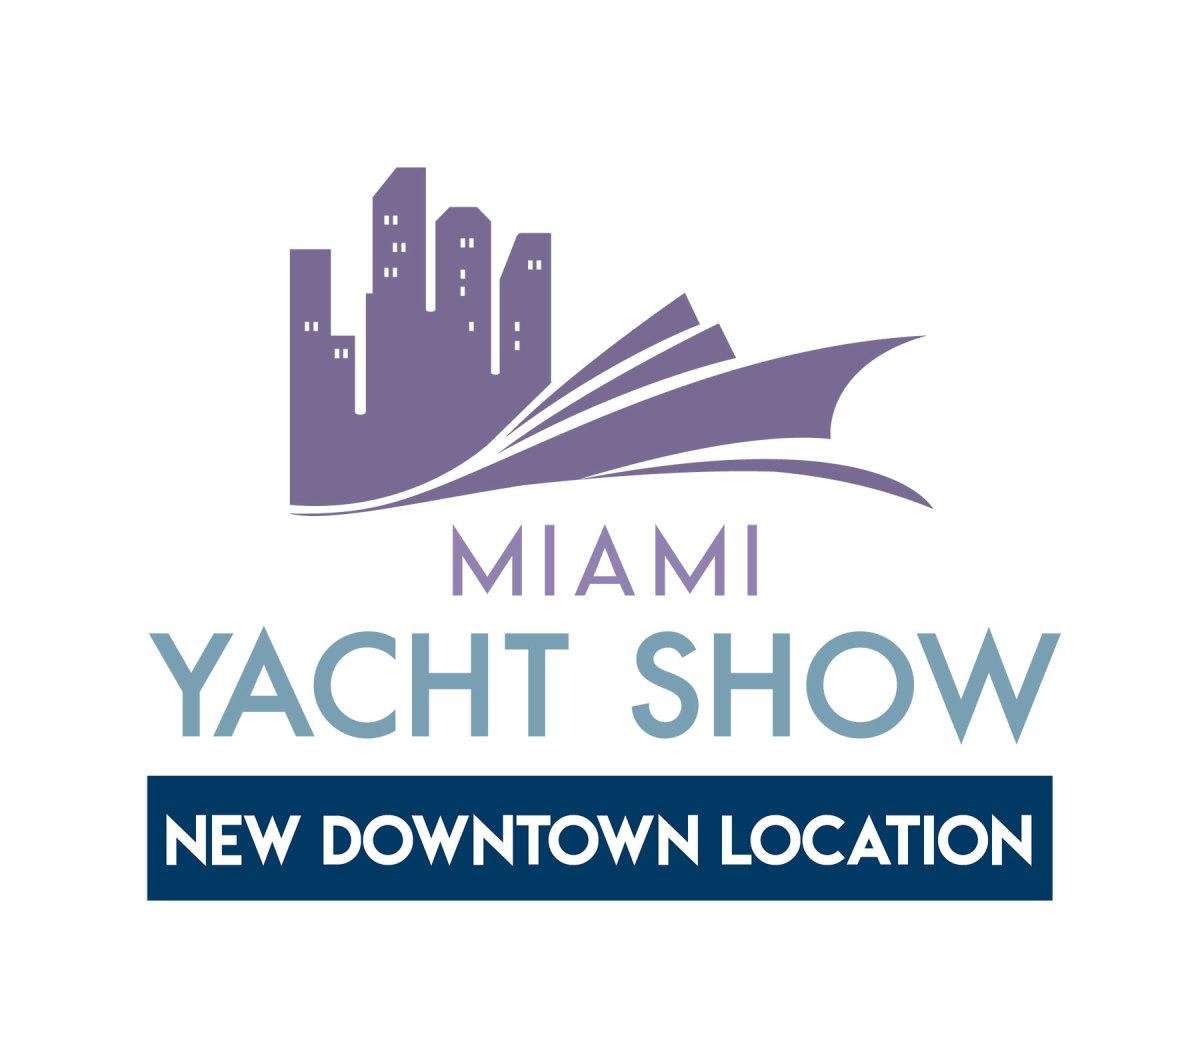 miami-yacht-show-logo